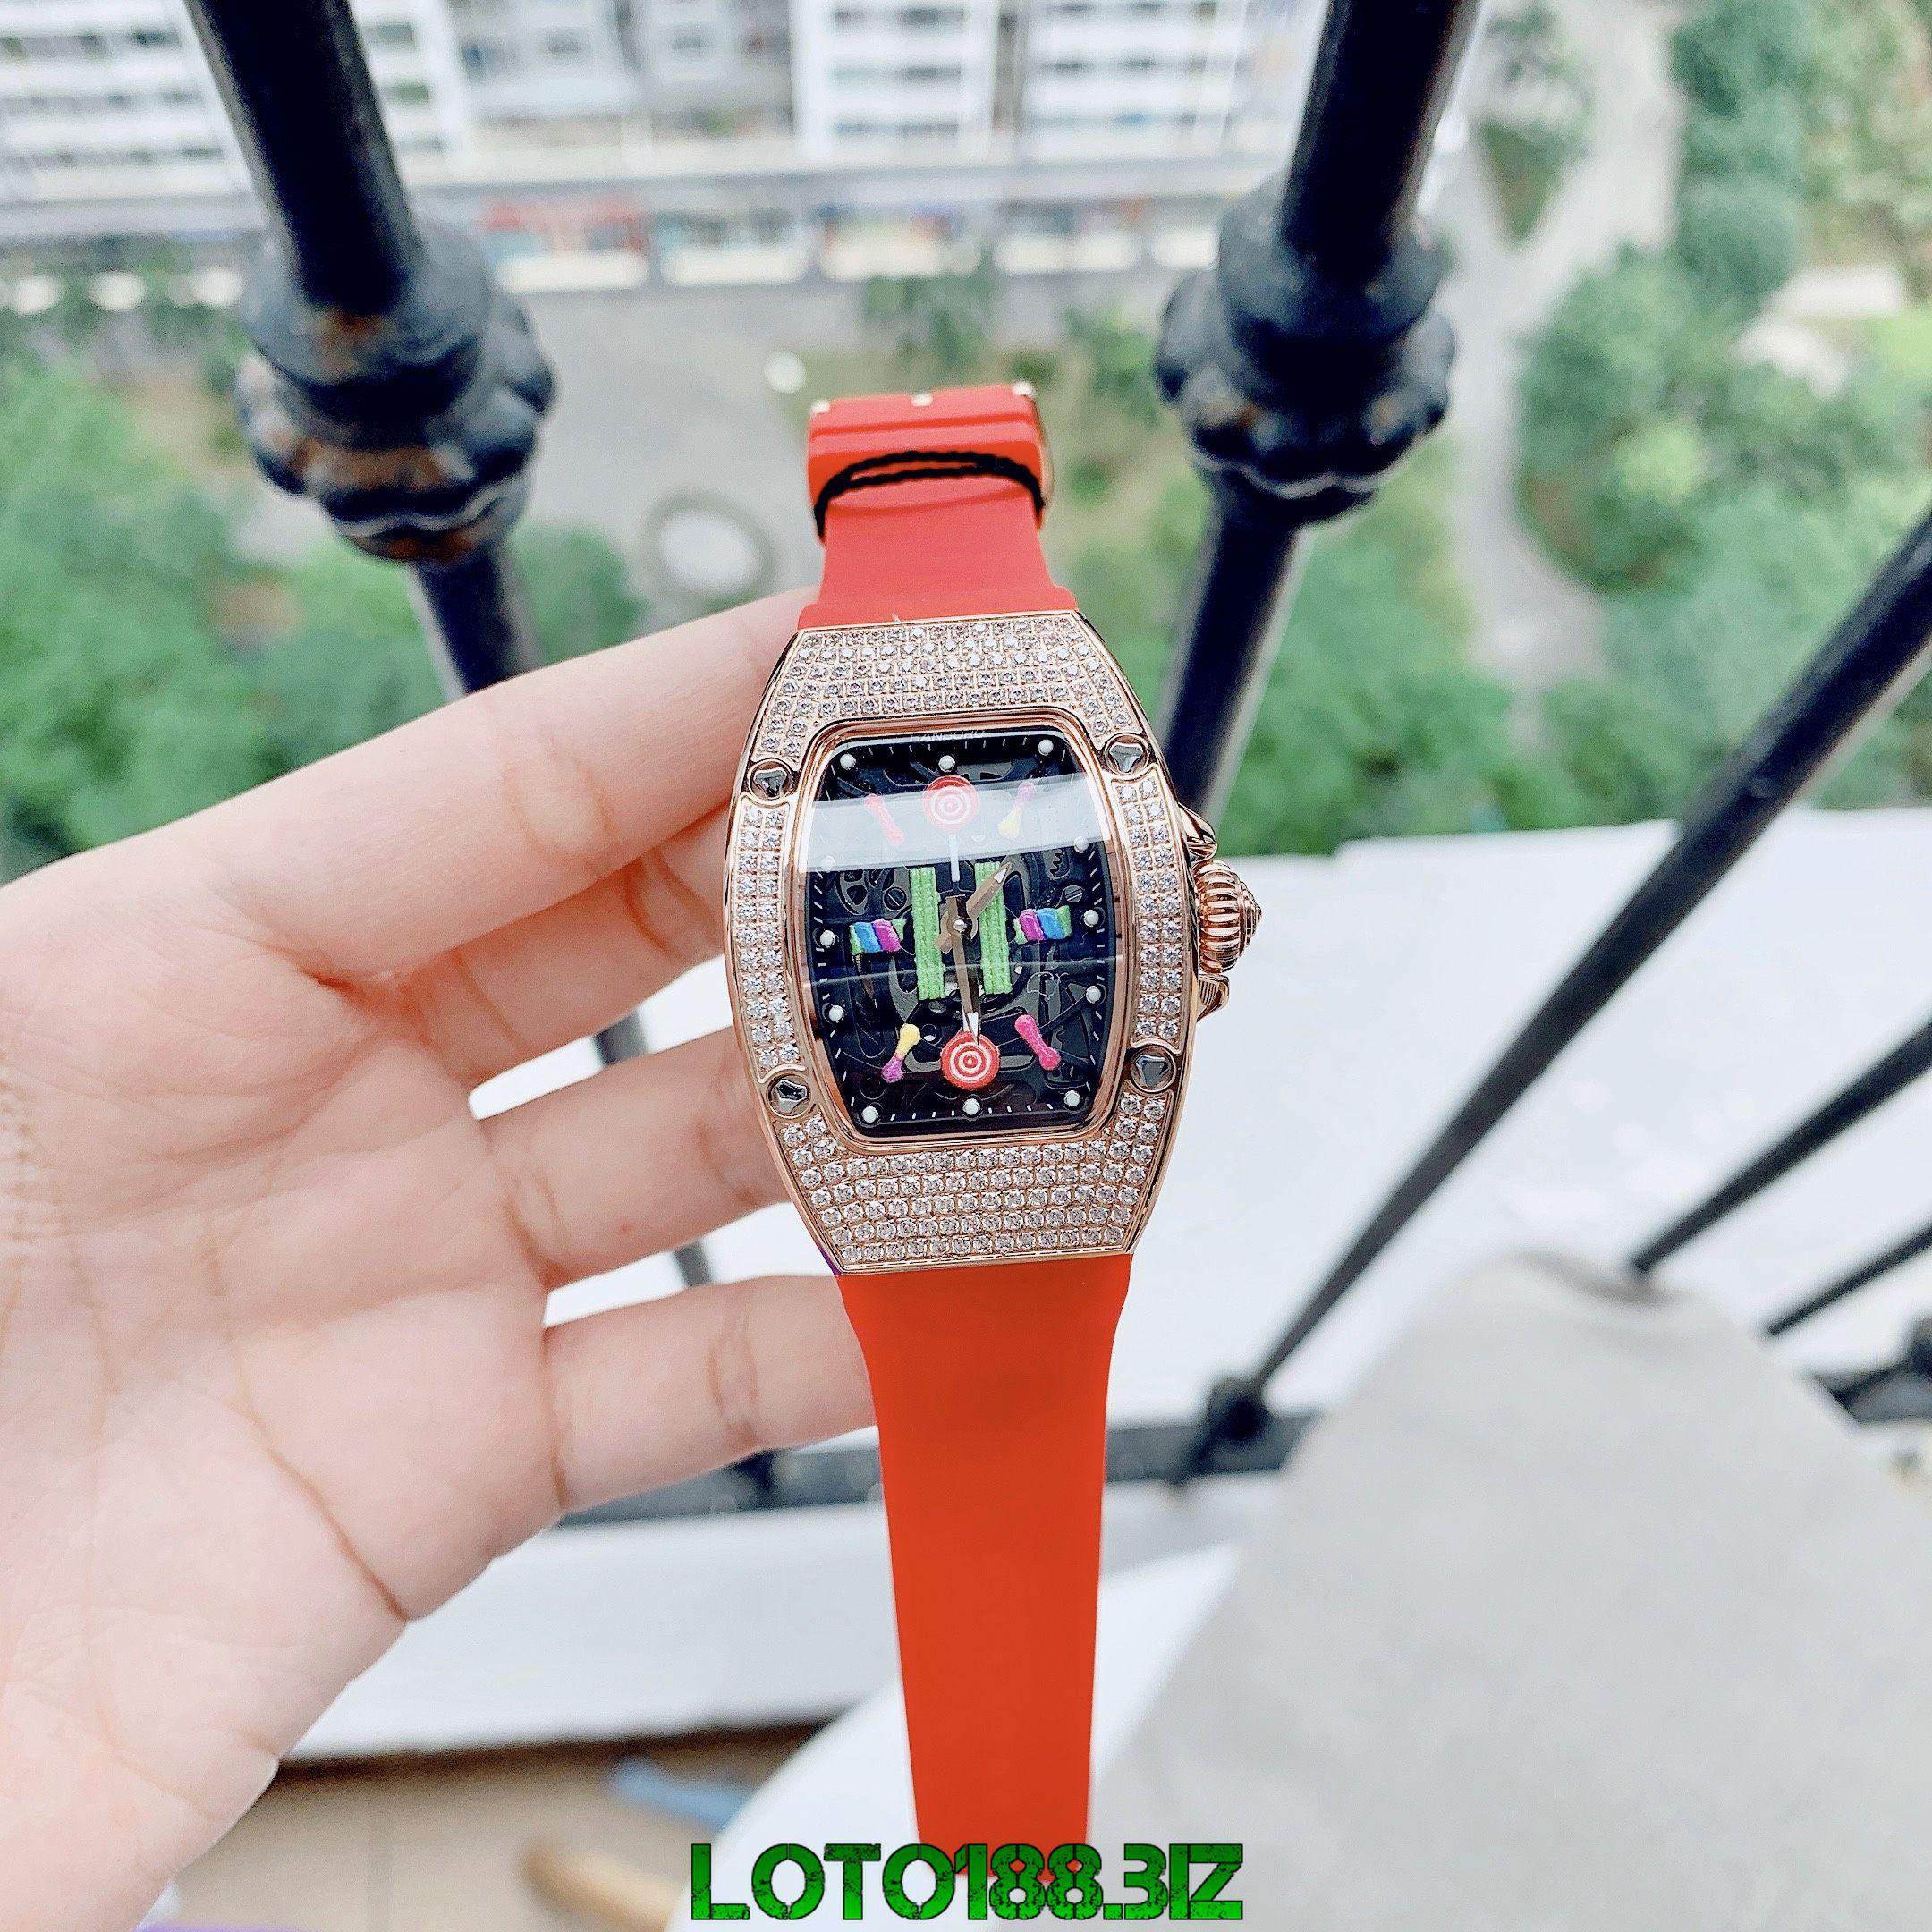 Giấc mộng thấy đồng hồ được chỉnh giờ